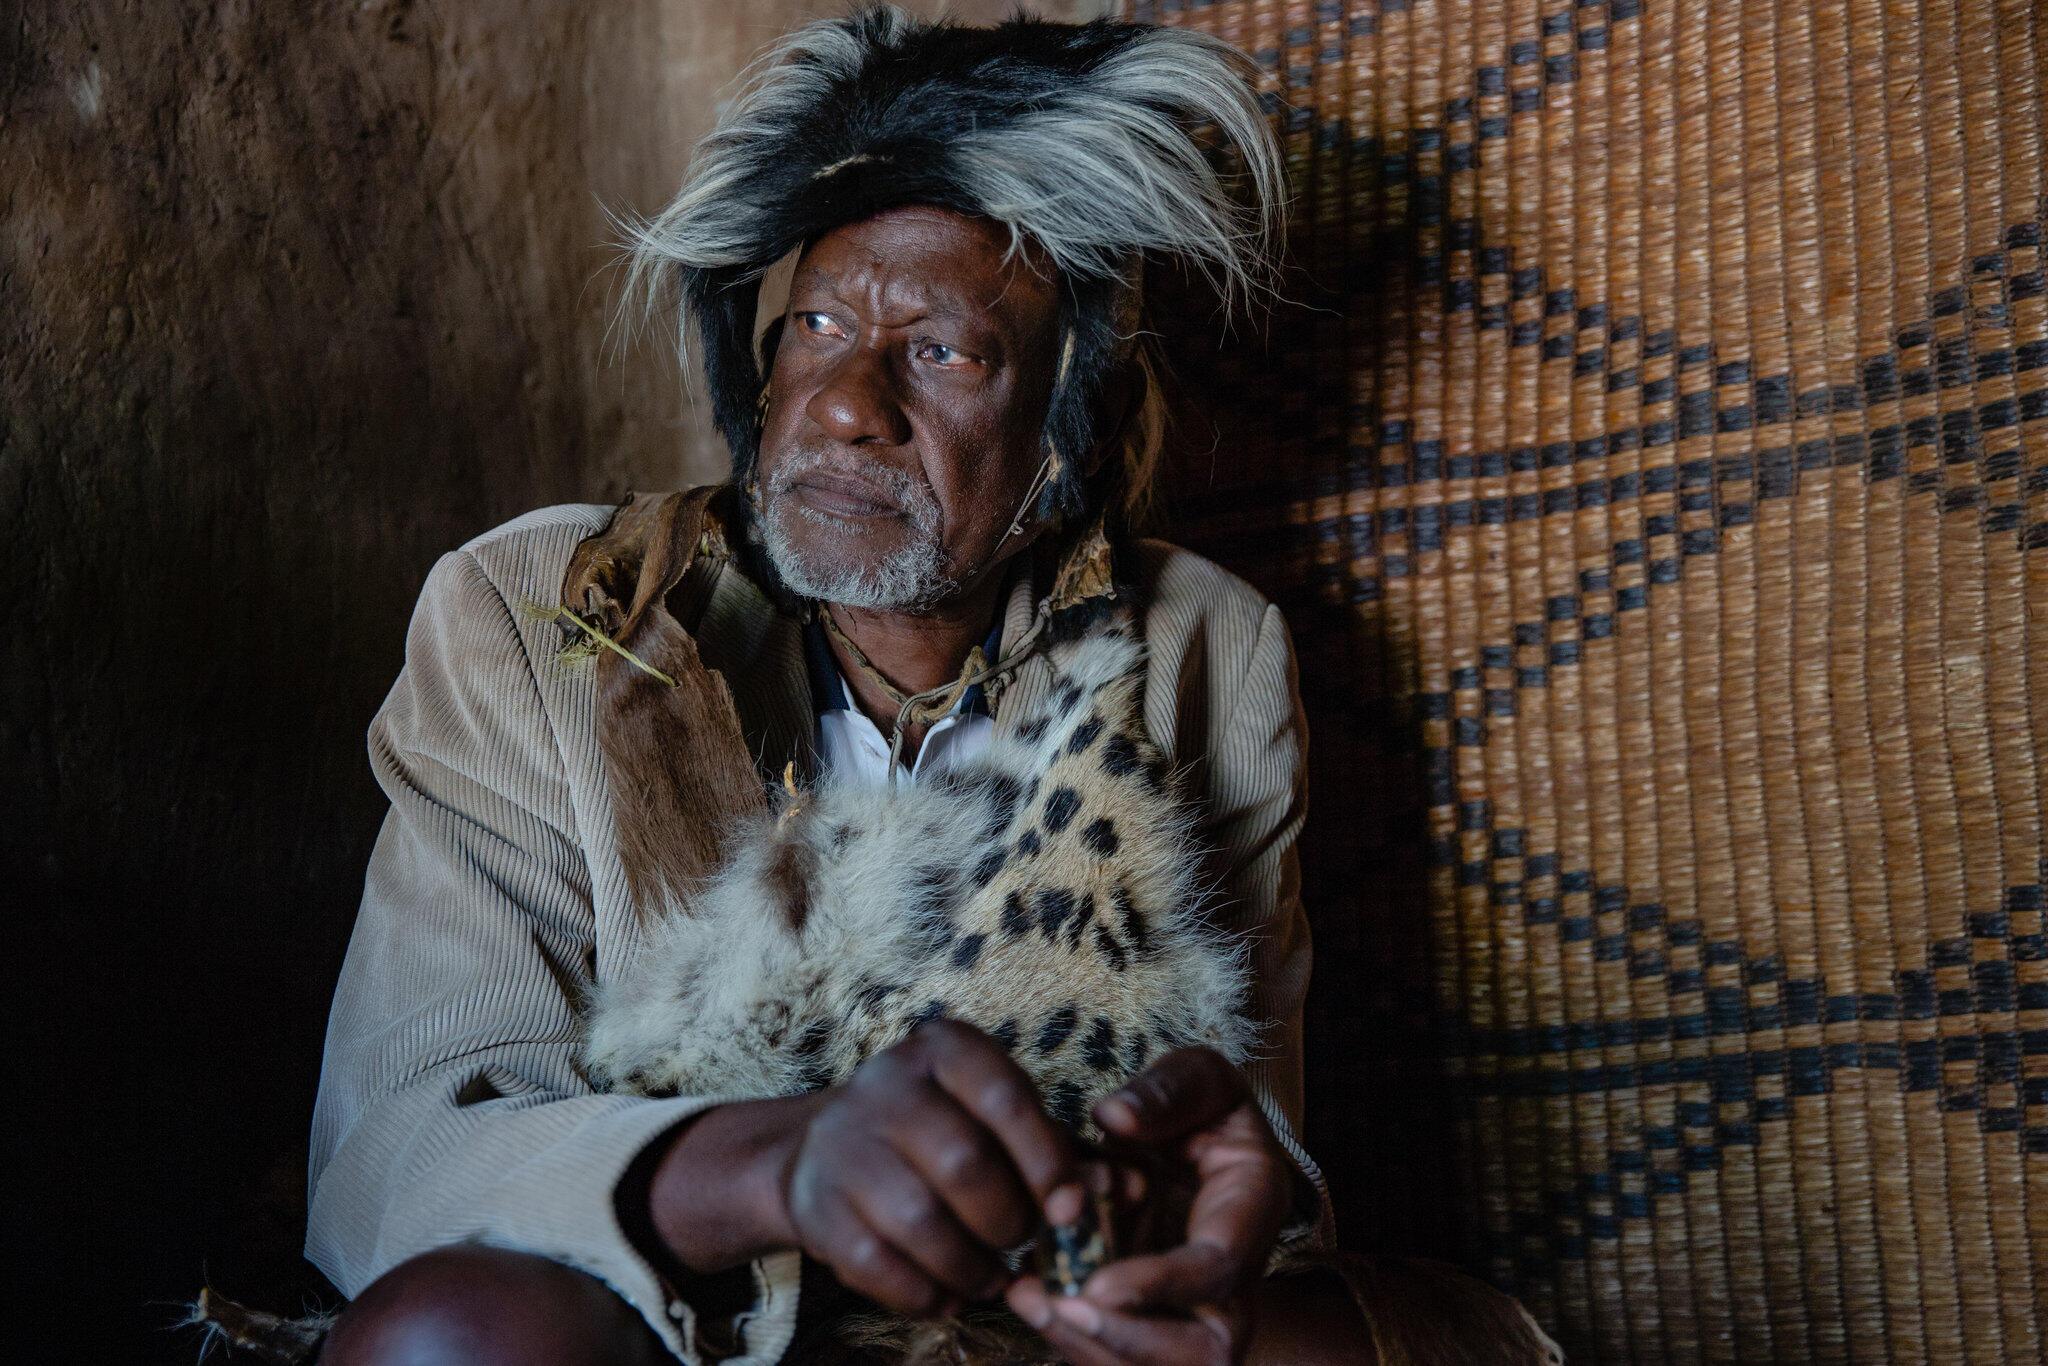 Wani mai maganin gargajiya a kasar Uganda. (An yi amfani da wannan hoto domin karin bayani ne kawai).